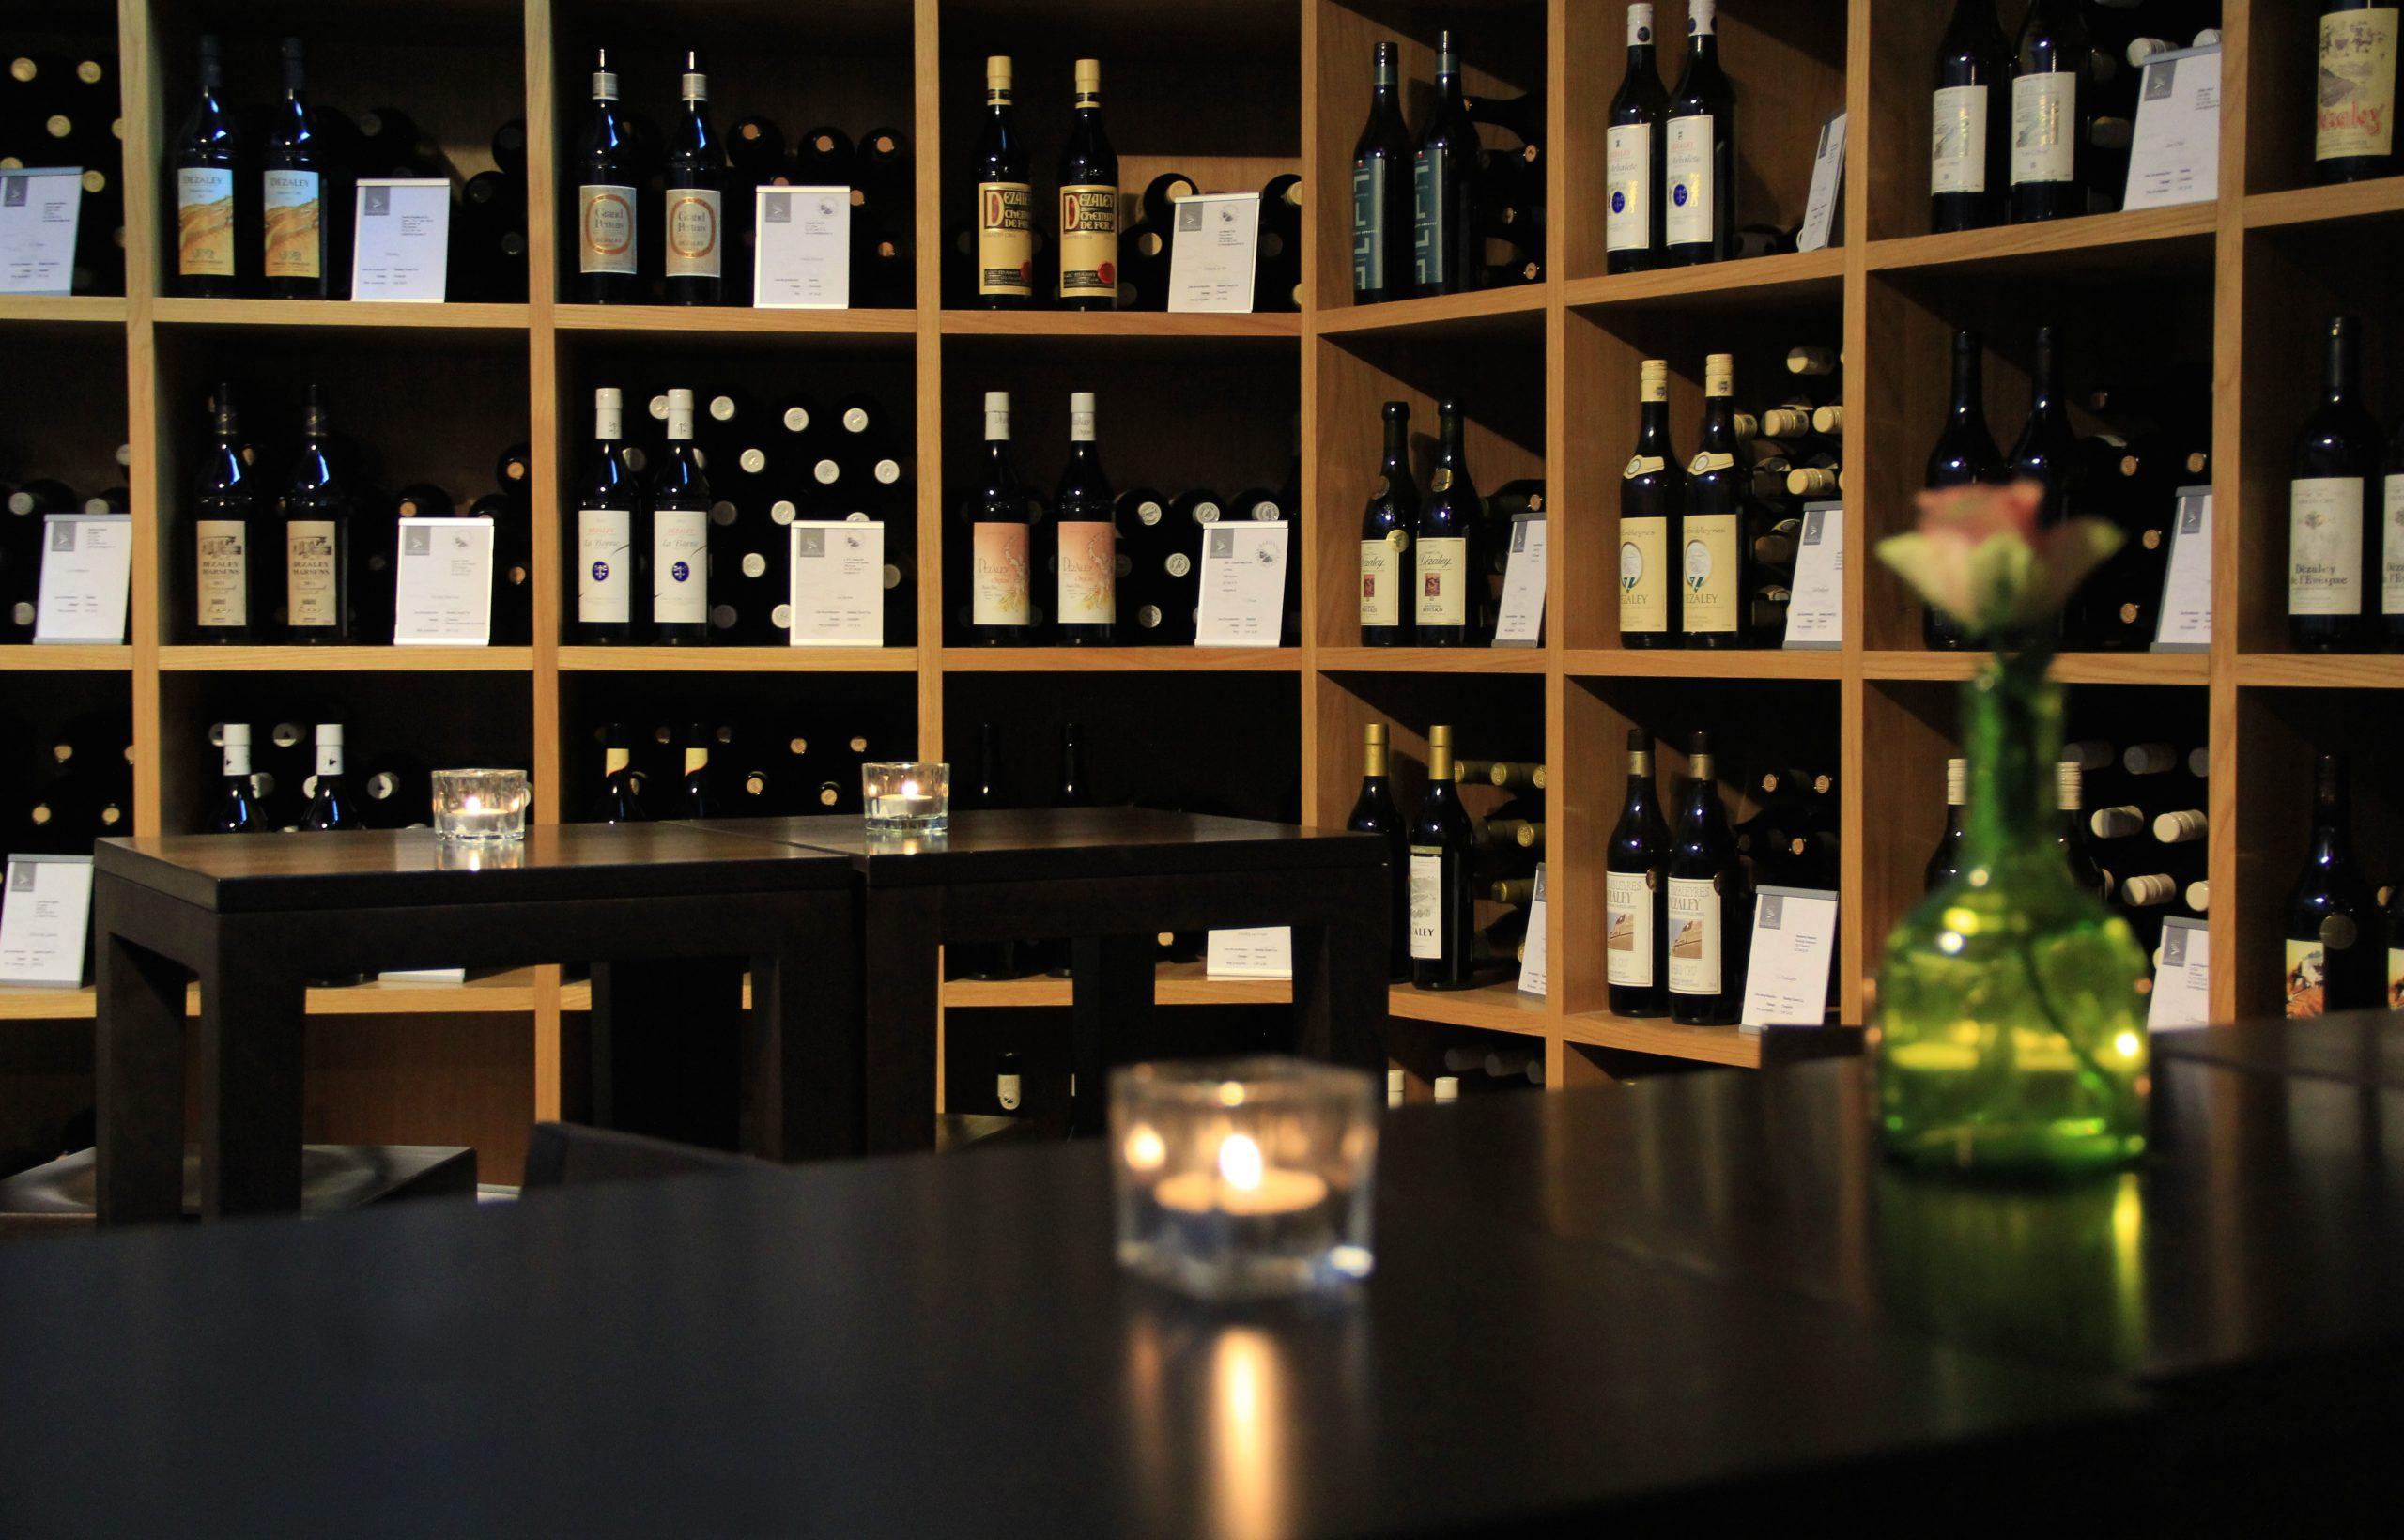 Les règles de température et d'aération pour votre cave à vin